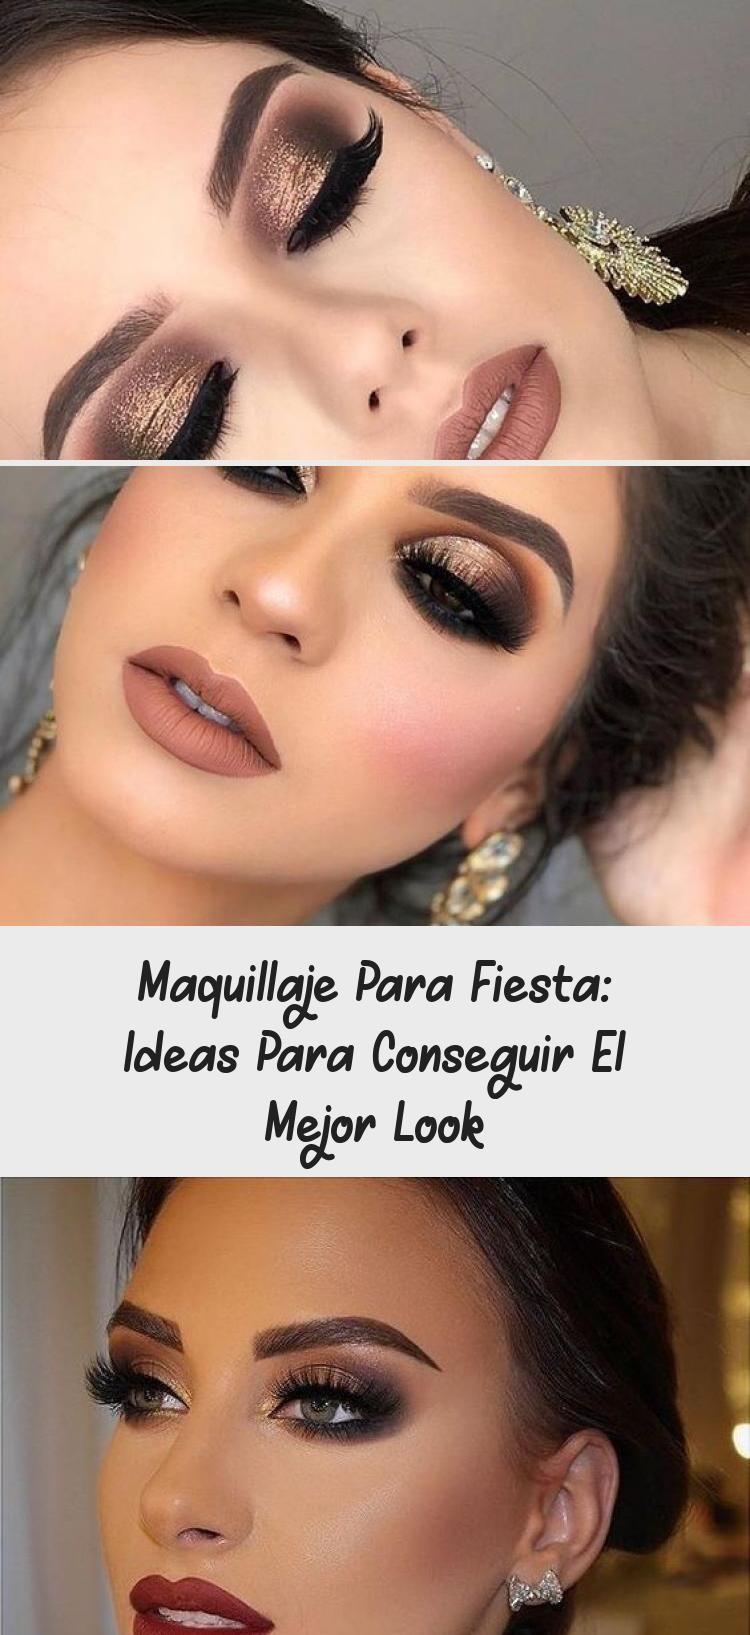 Maquillaje Para Fiesta De Dia Maquillaje Para Fiesta De Noche Paso A Paso Maquillaje Para Fiesta De Dia Maquill Night Makeup Party Makeup Evening Eye Makeup